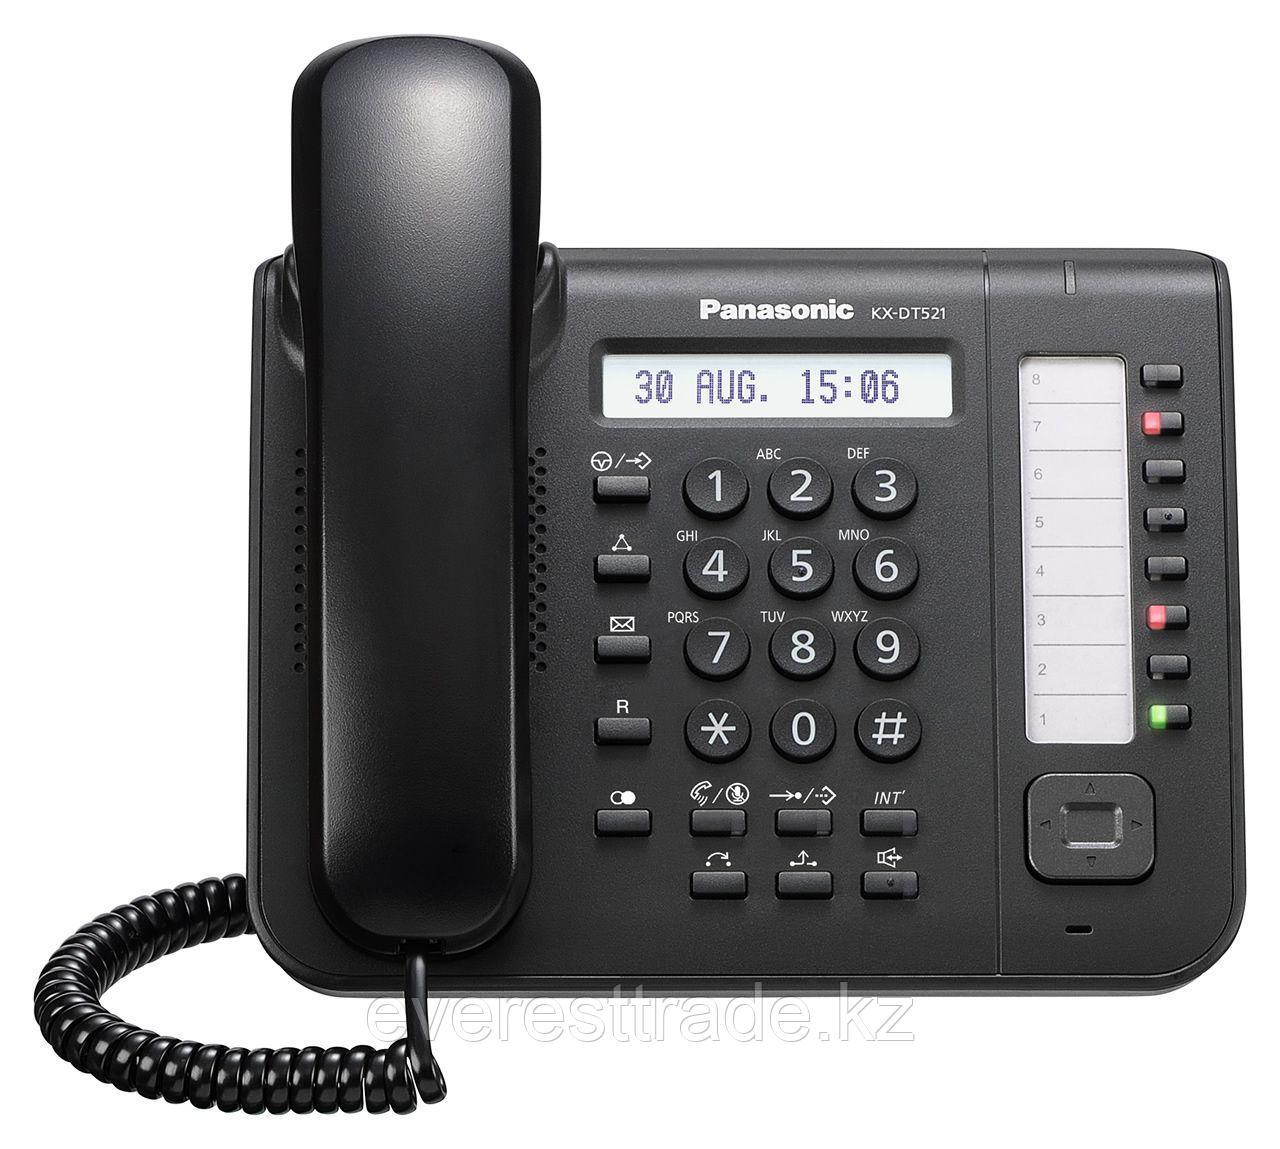 Телефон системный Panasonic KX-DT521